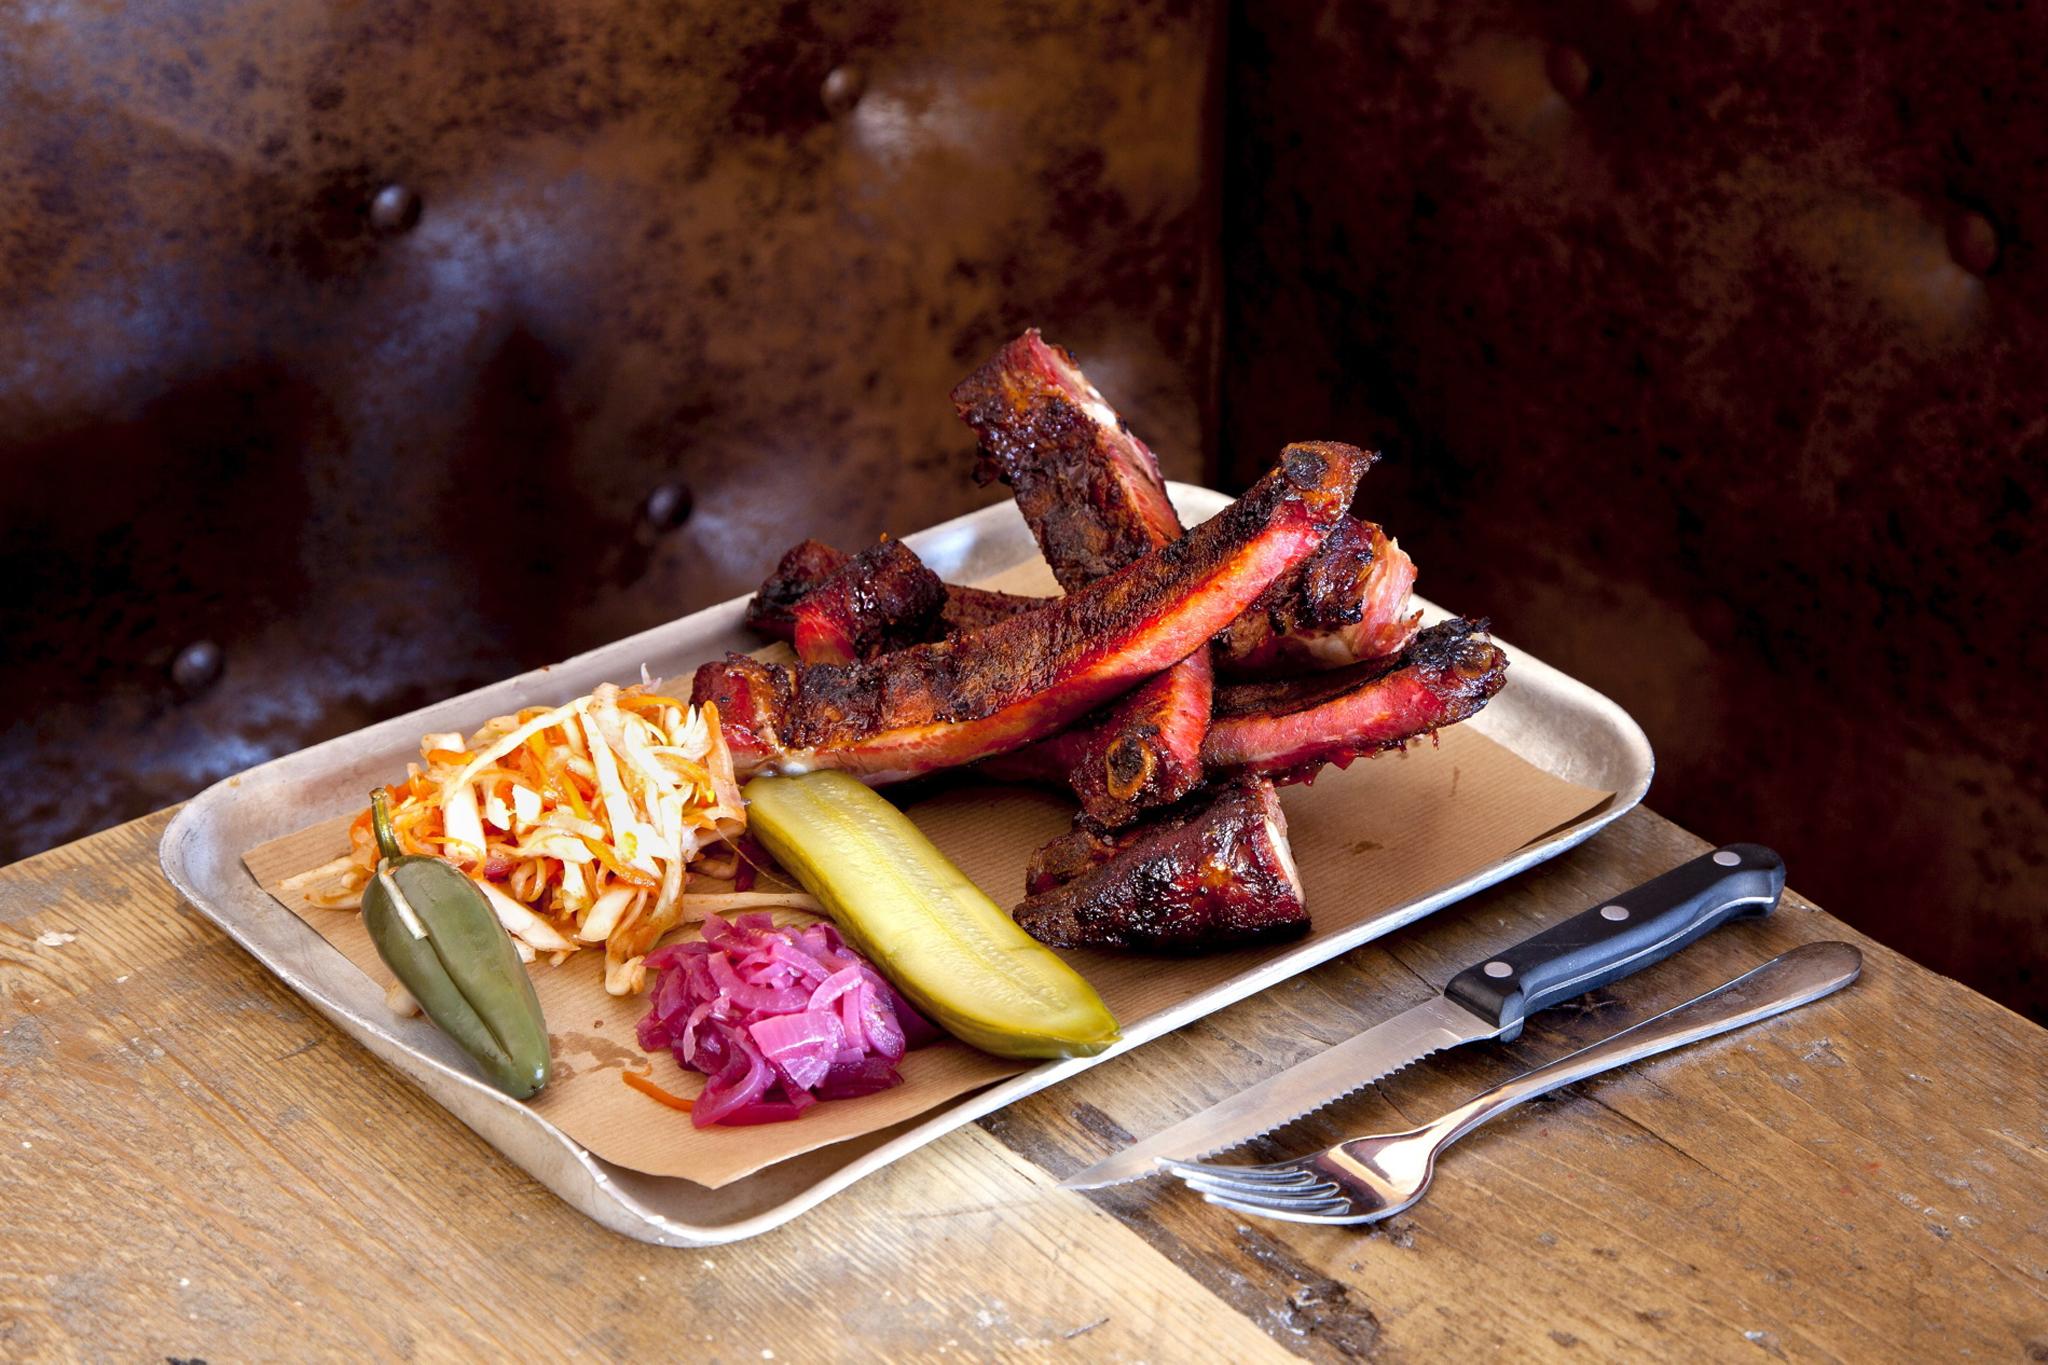 Pork ribs at Duke's Brew & Que